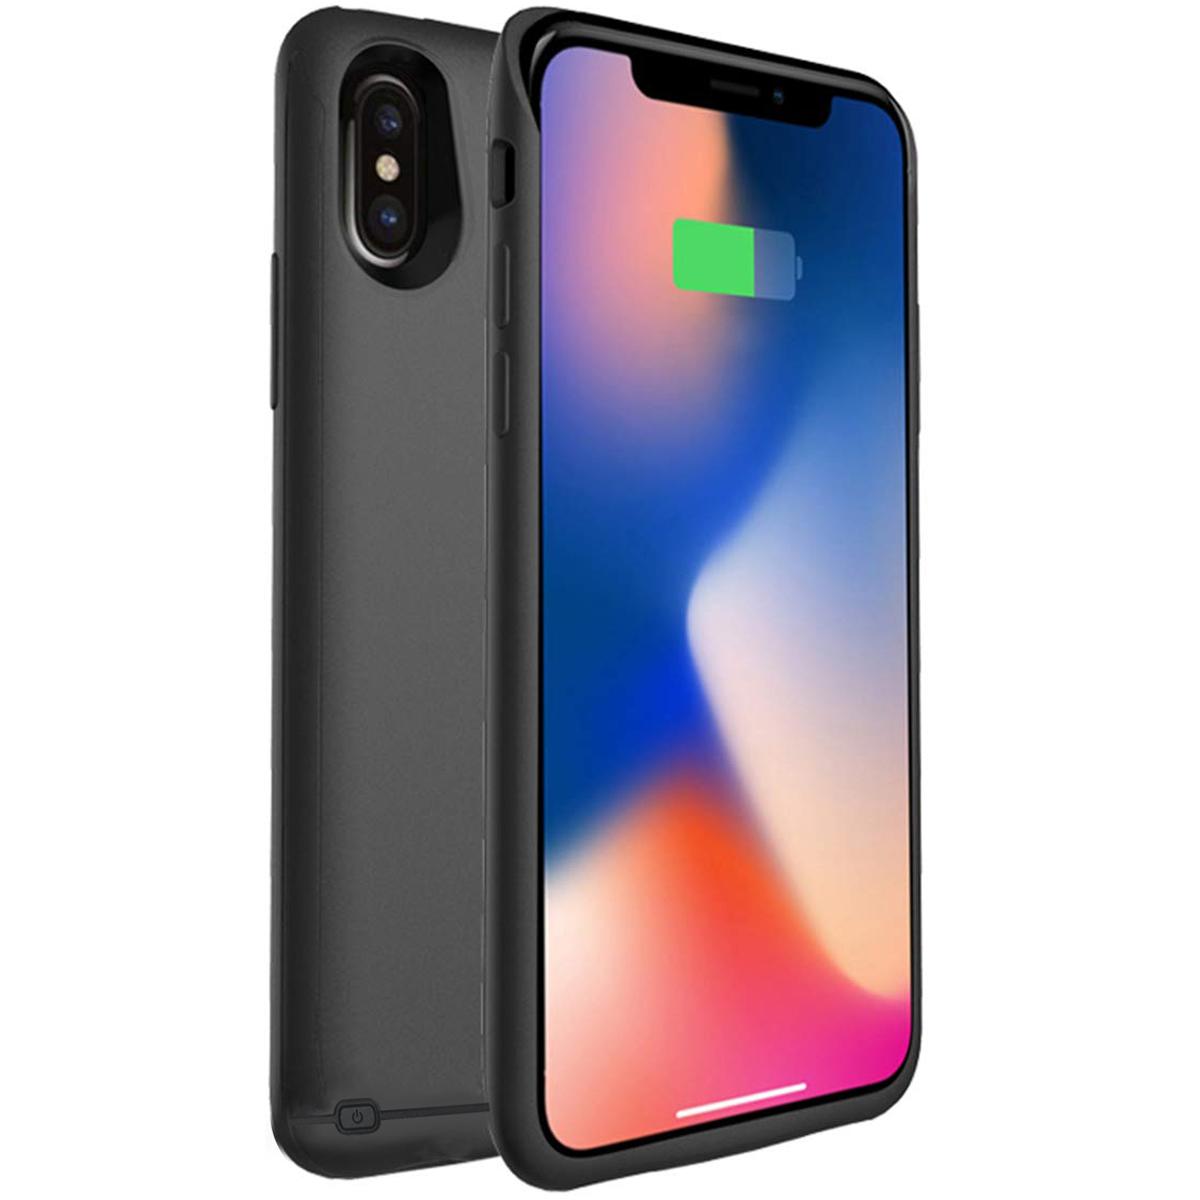 新品 iPhone XS Max  対応 バッテリーケース 6000mAh 大容量 バッテリー内蔵ケース 薄型 軽量 急速充電 ケース型バッテリー iPhone XS Max 対応 充電ケース6.5インチ